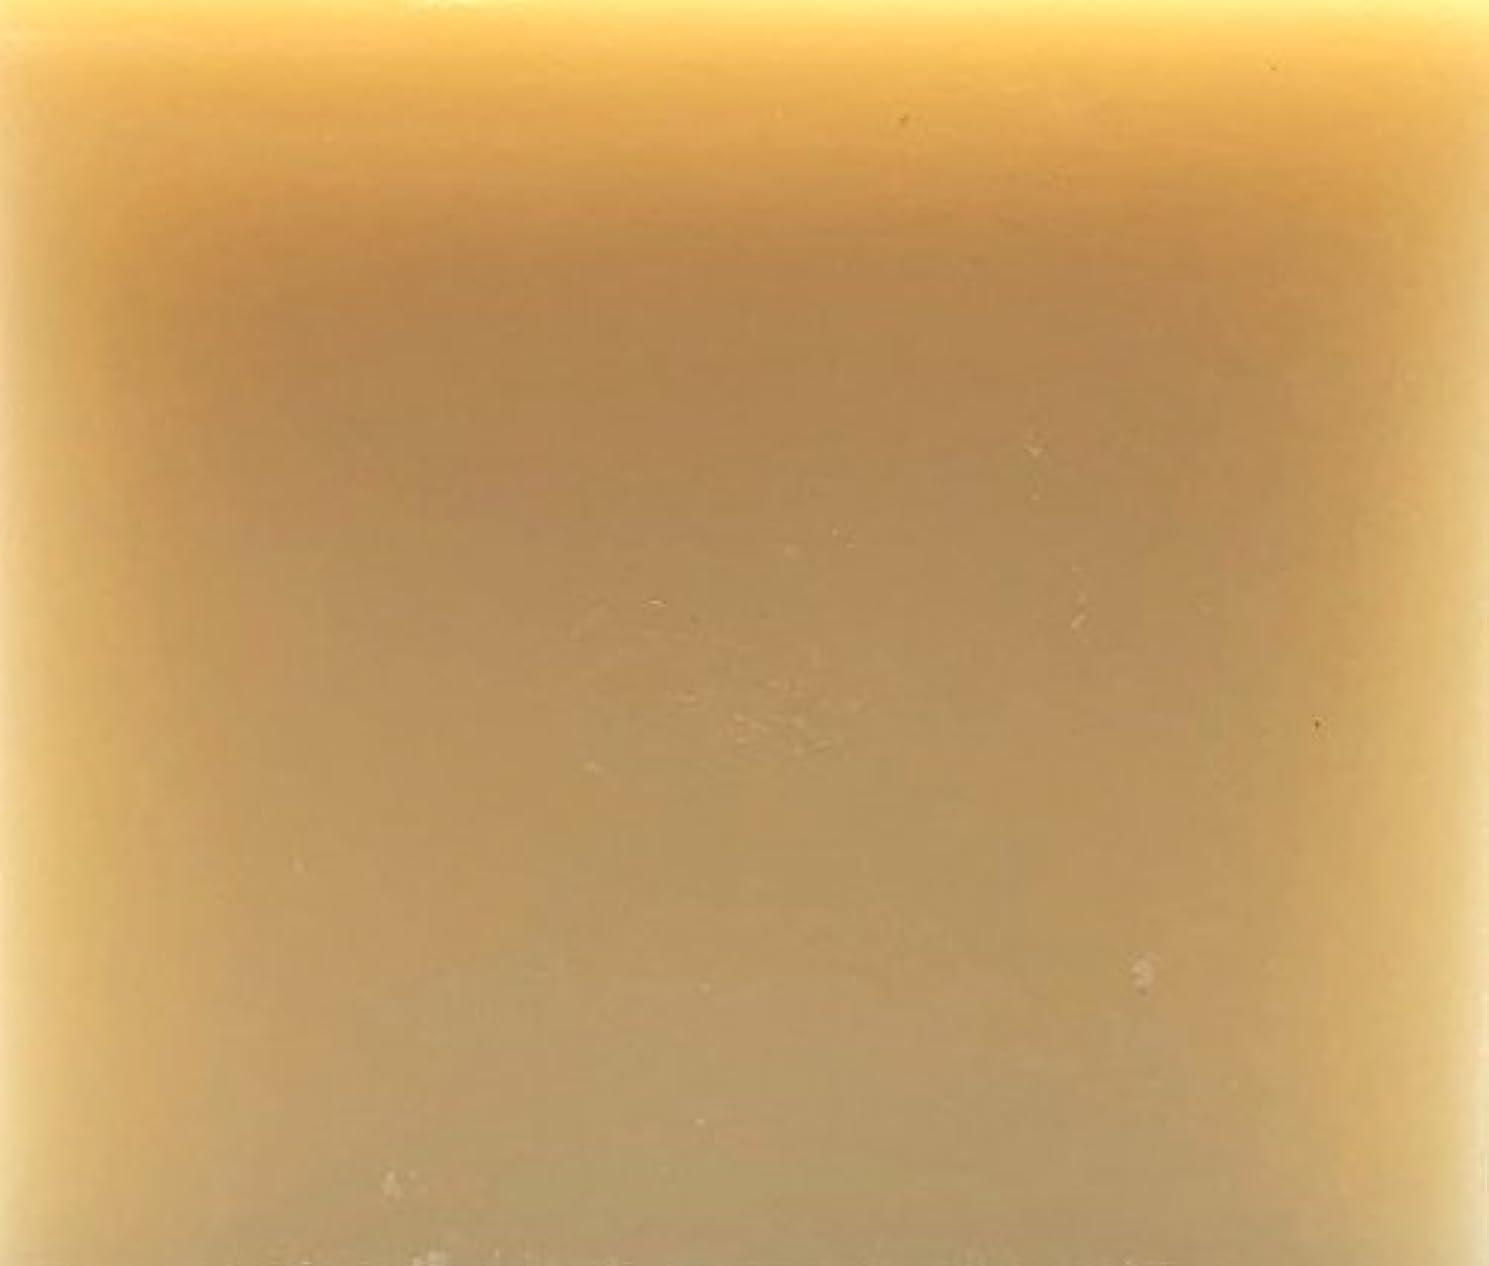 校長有害ごみ篠山石鹸 ひのき 90g 自家製精油でコールドプロセス製法で作った手作り石けん